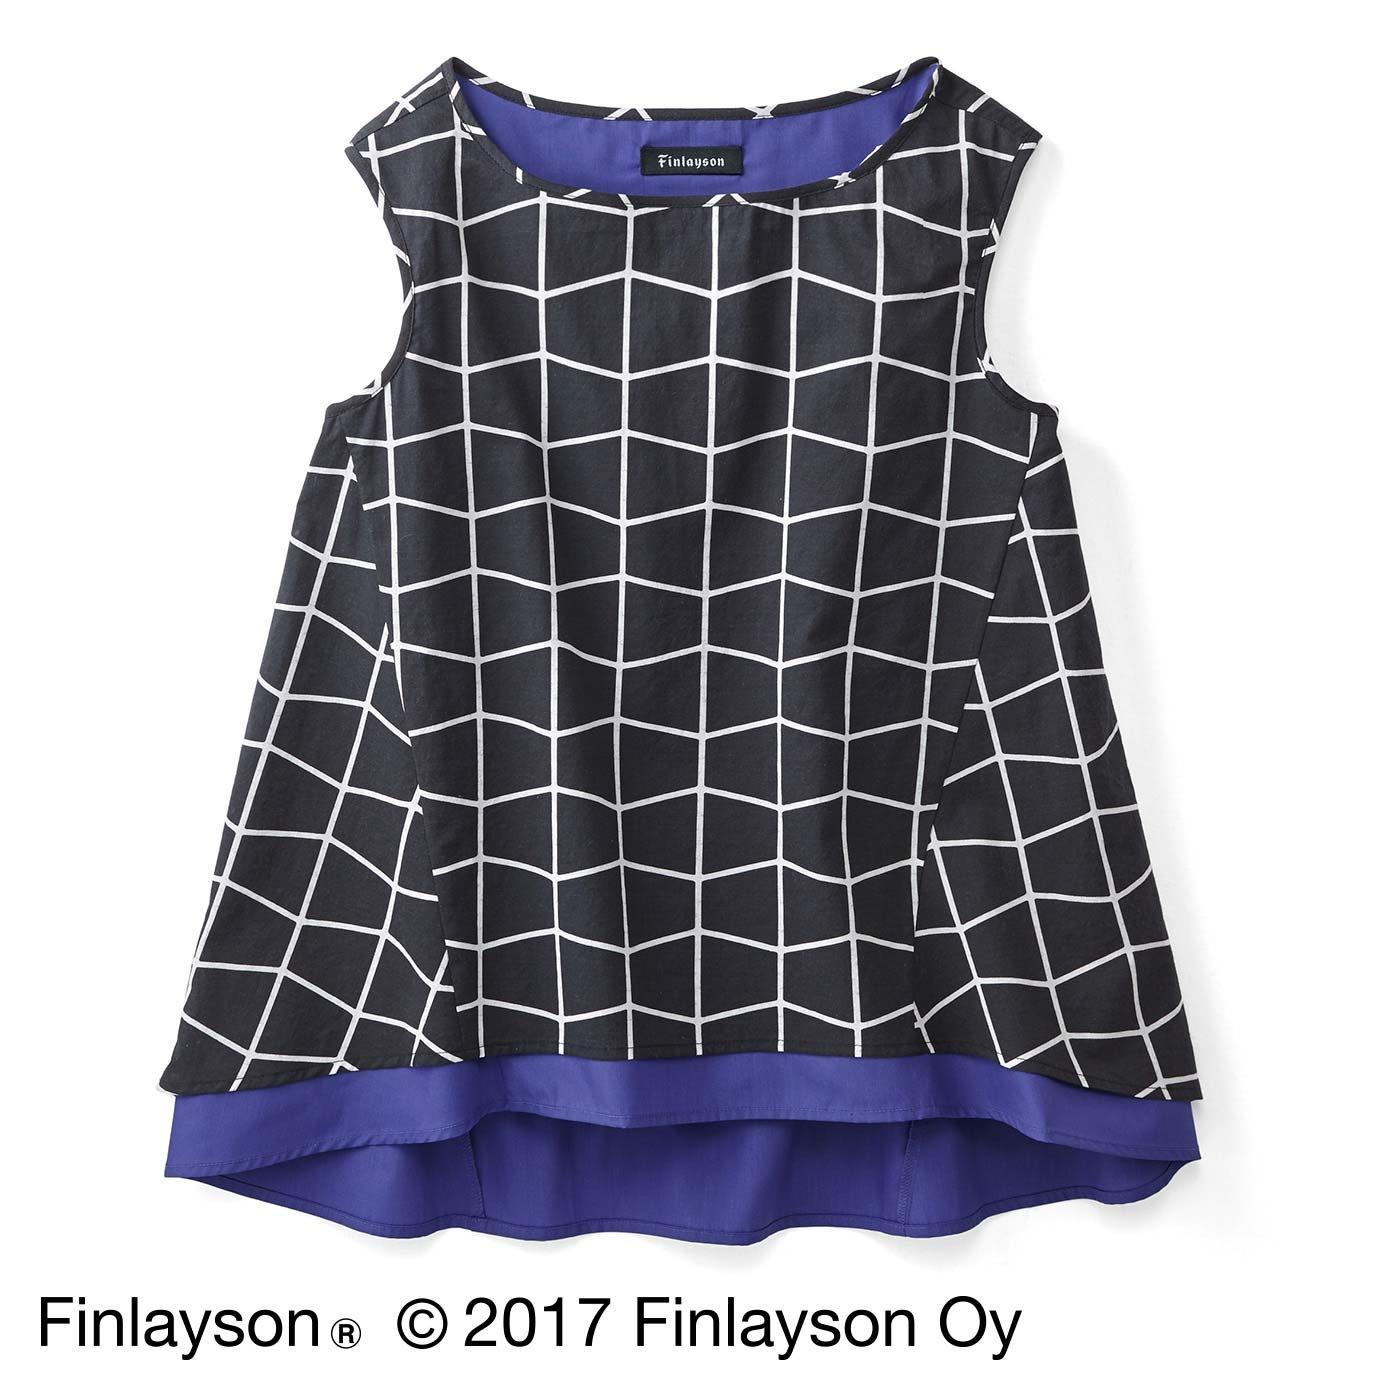 Finlayson フィンレイソン 色の重なりを楽しむノースリーブトップス〈ティーマ〉